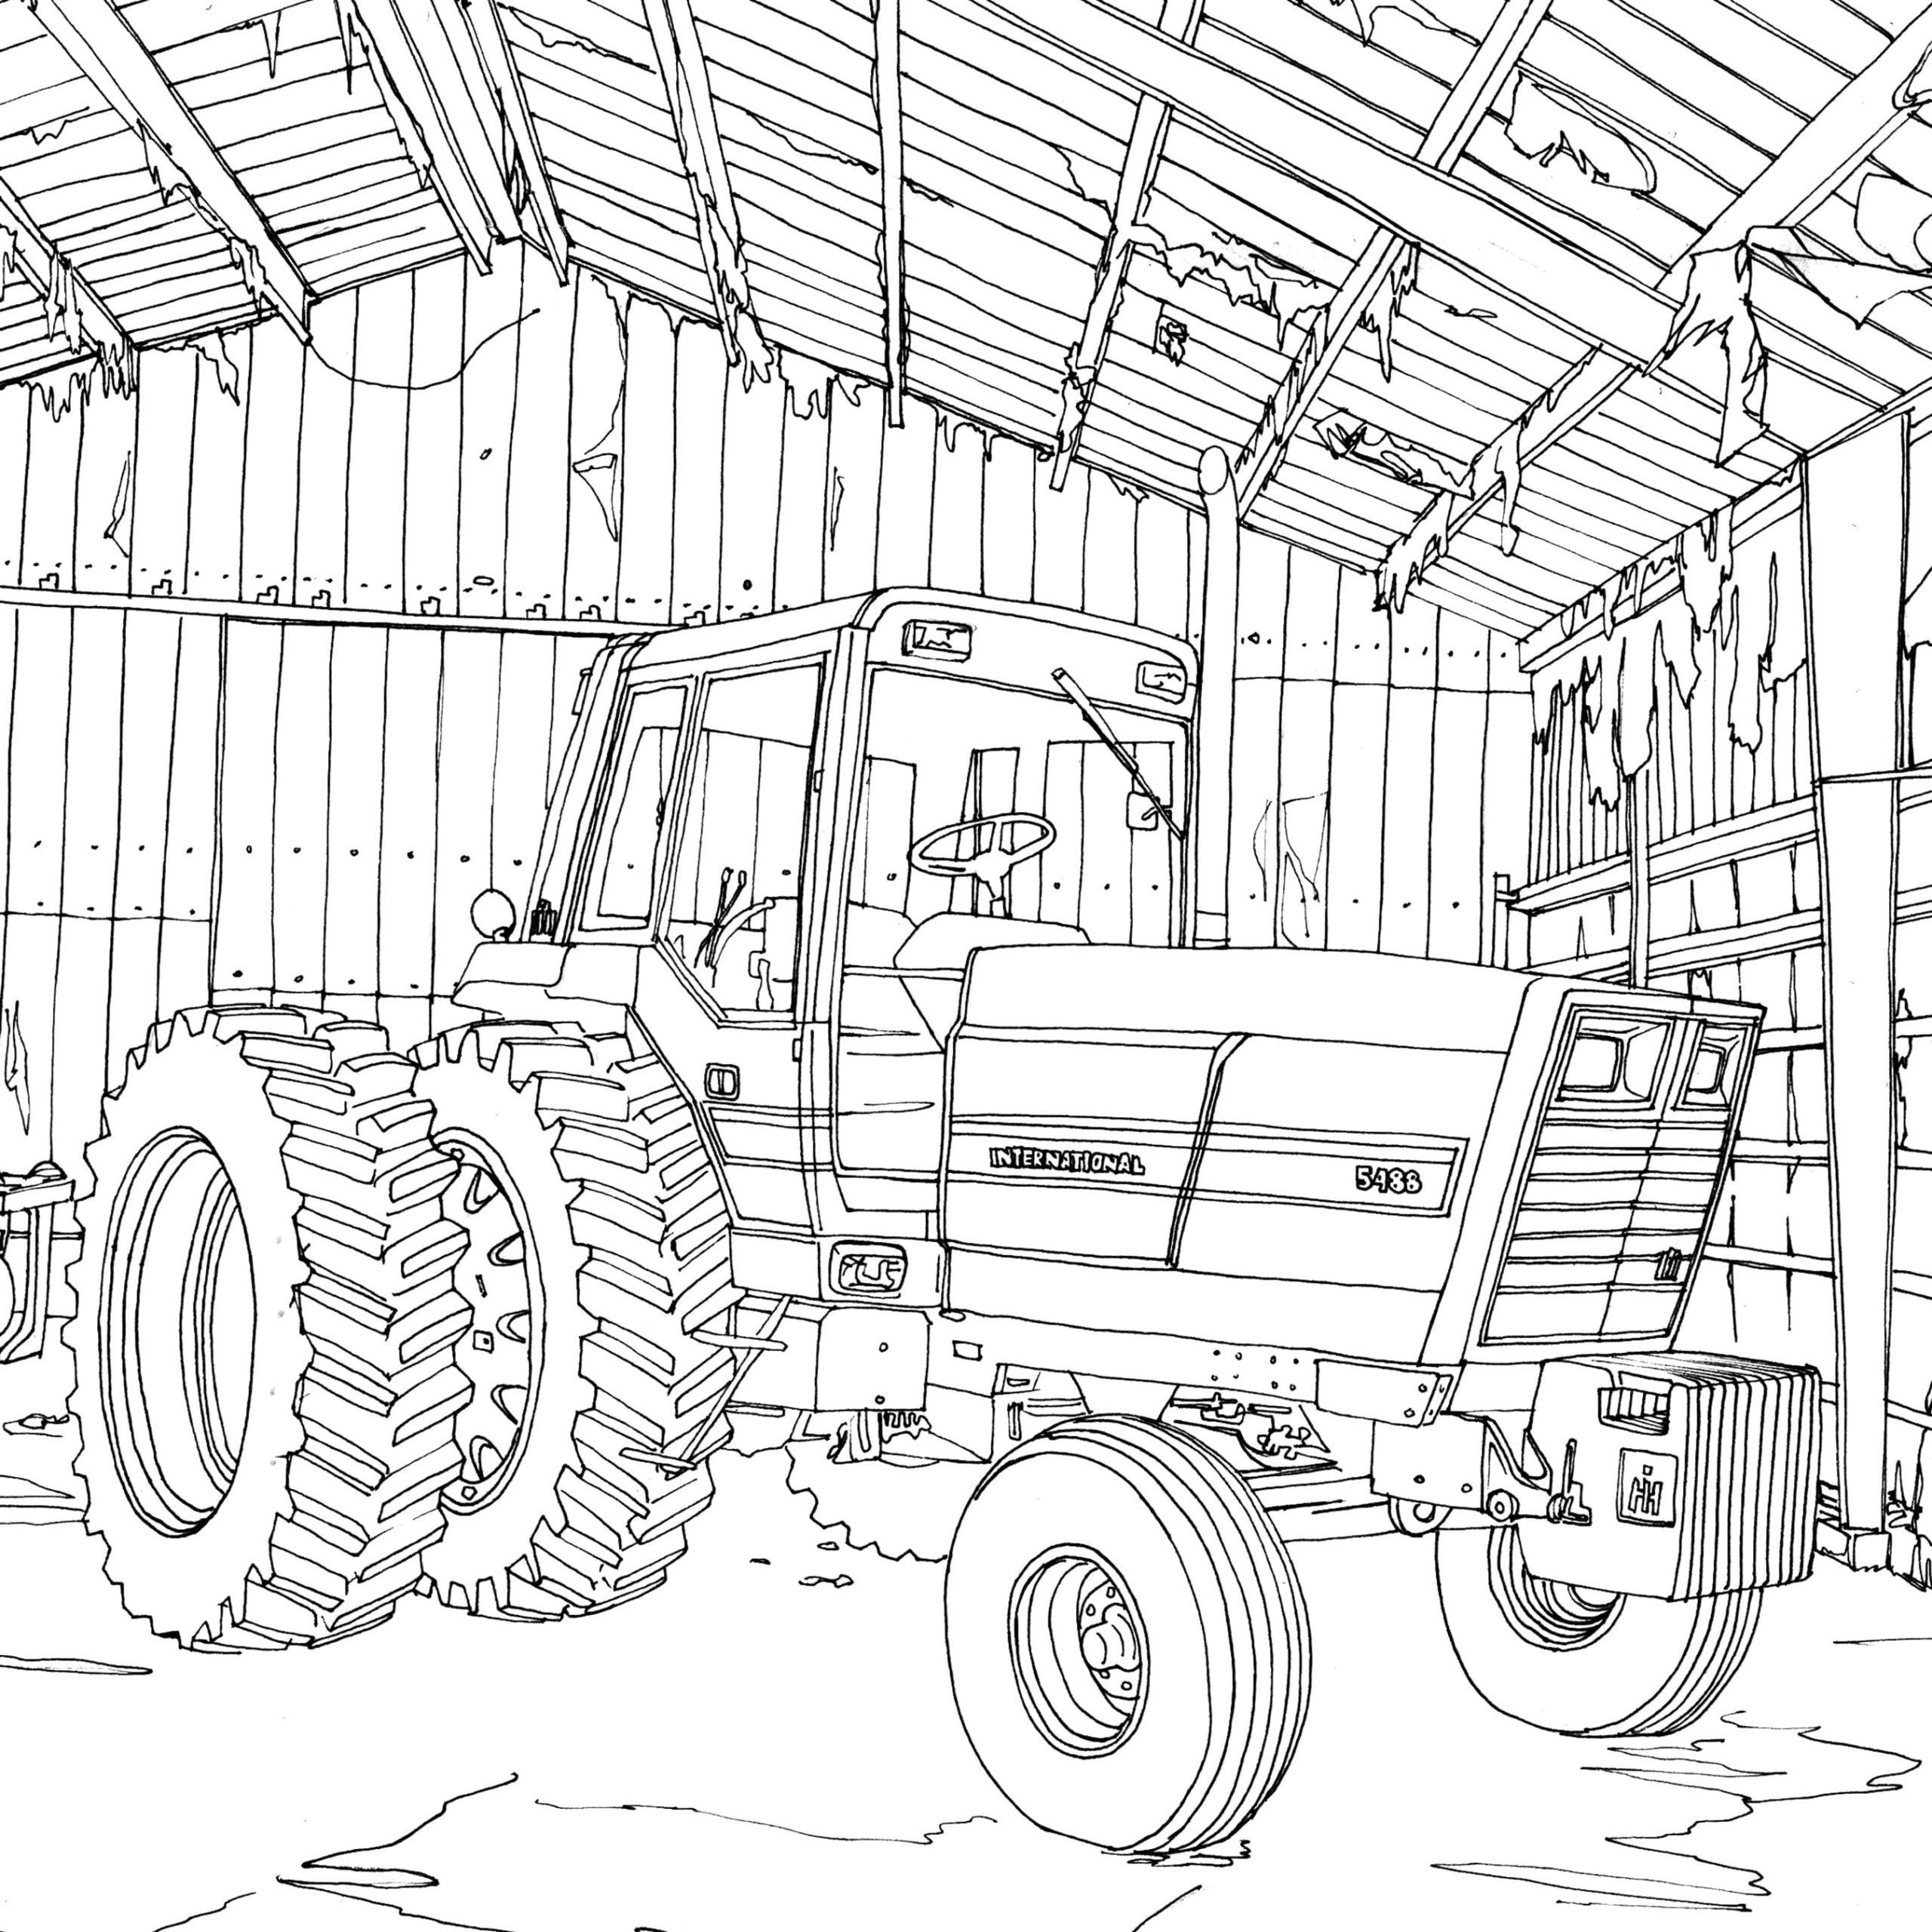 Ausmalbilder Traktor 100 Malvorlagen Kostenlos Zum Ausdrucken